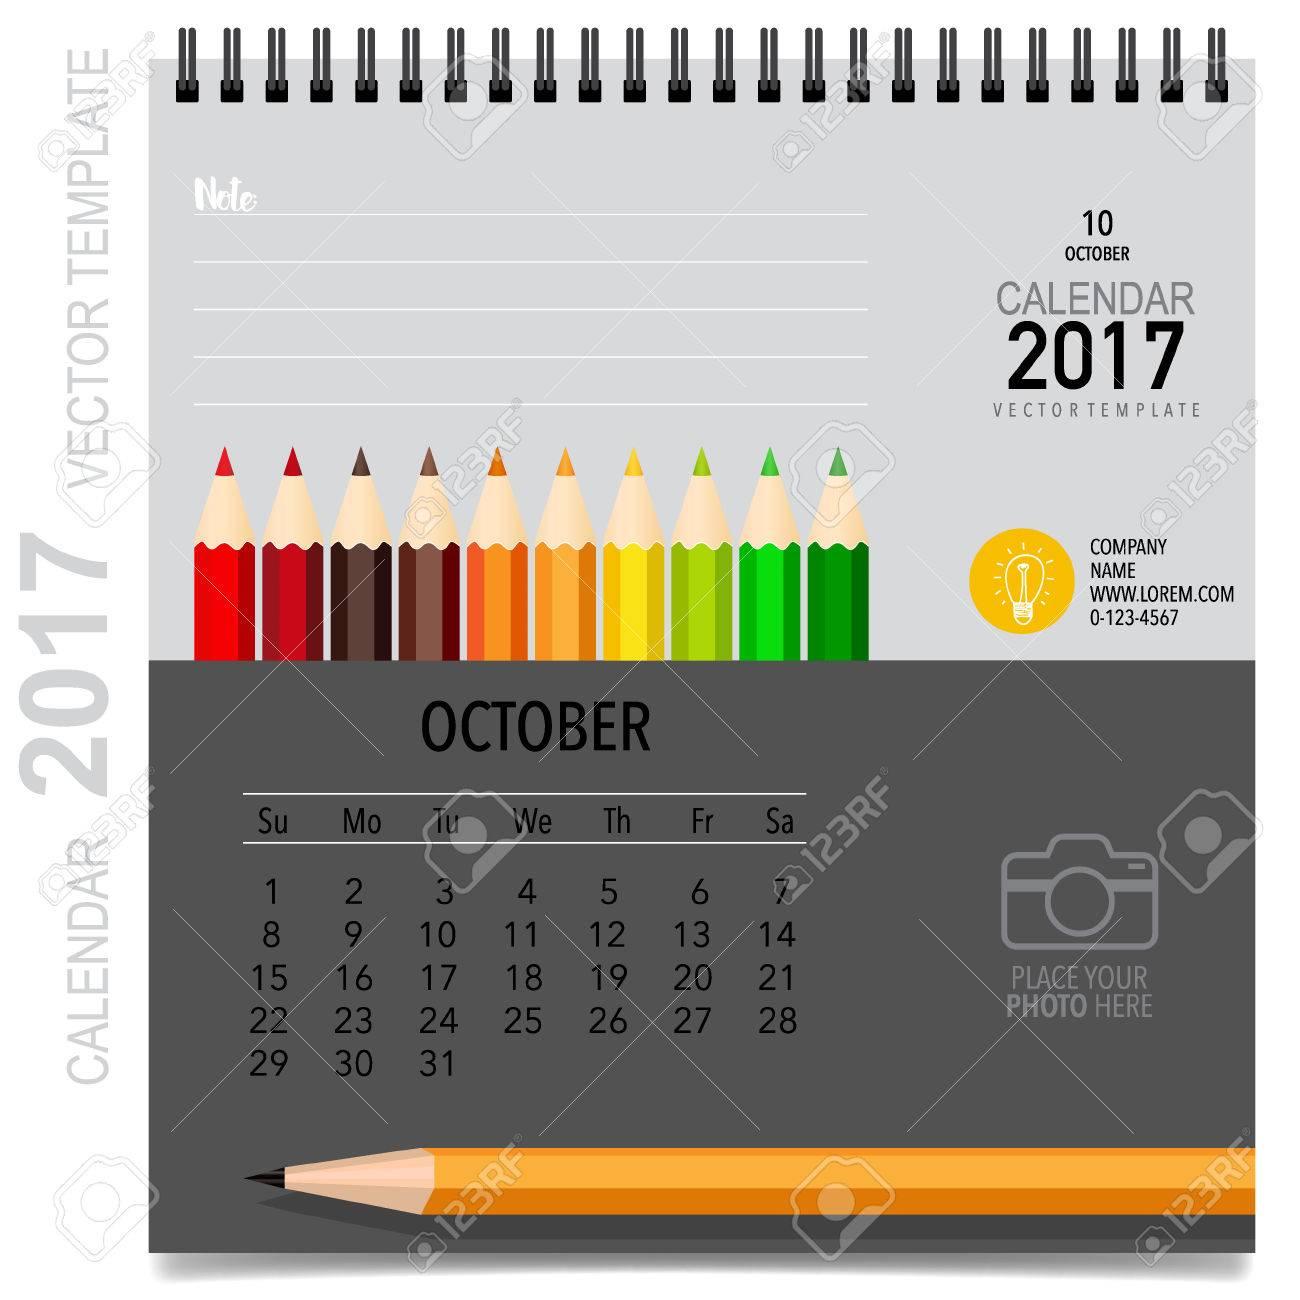 Charmant Monatliche Kalenderplaner Vorlage Galerie - Beispiel ...